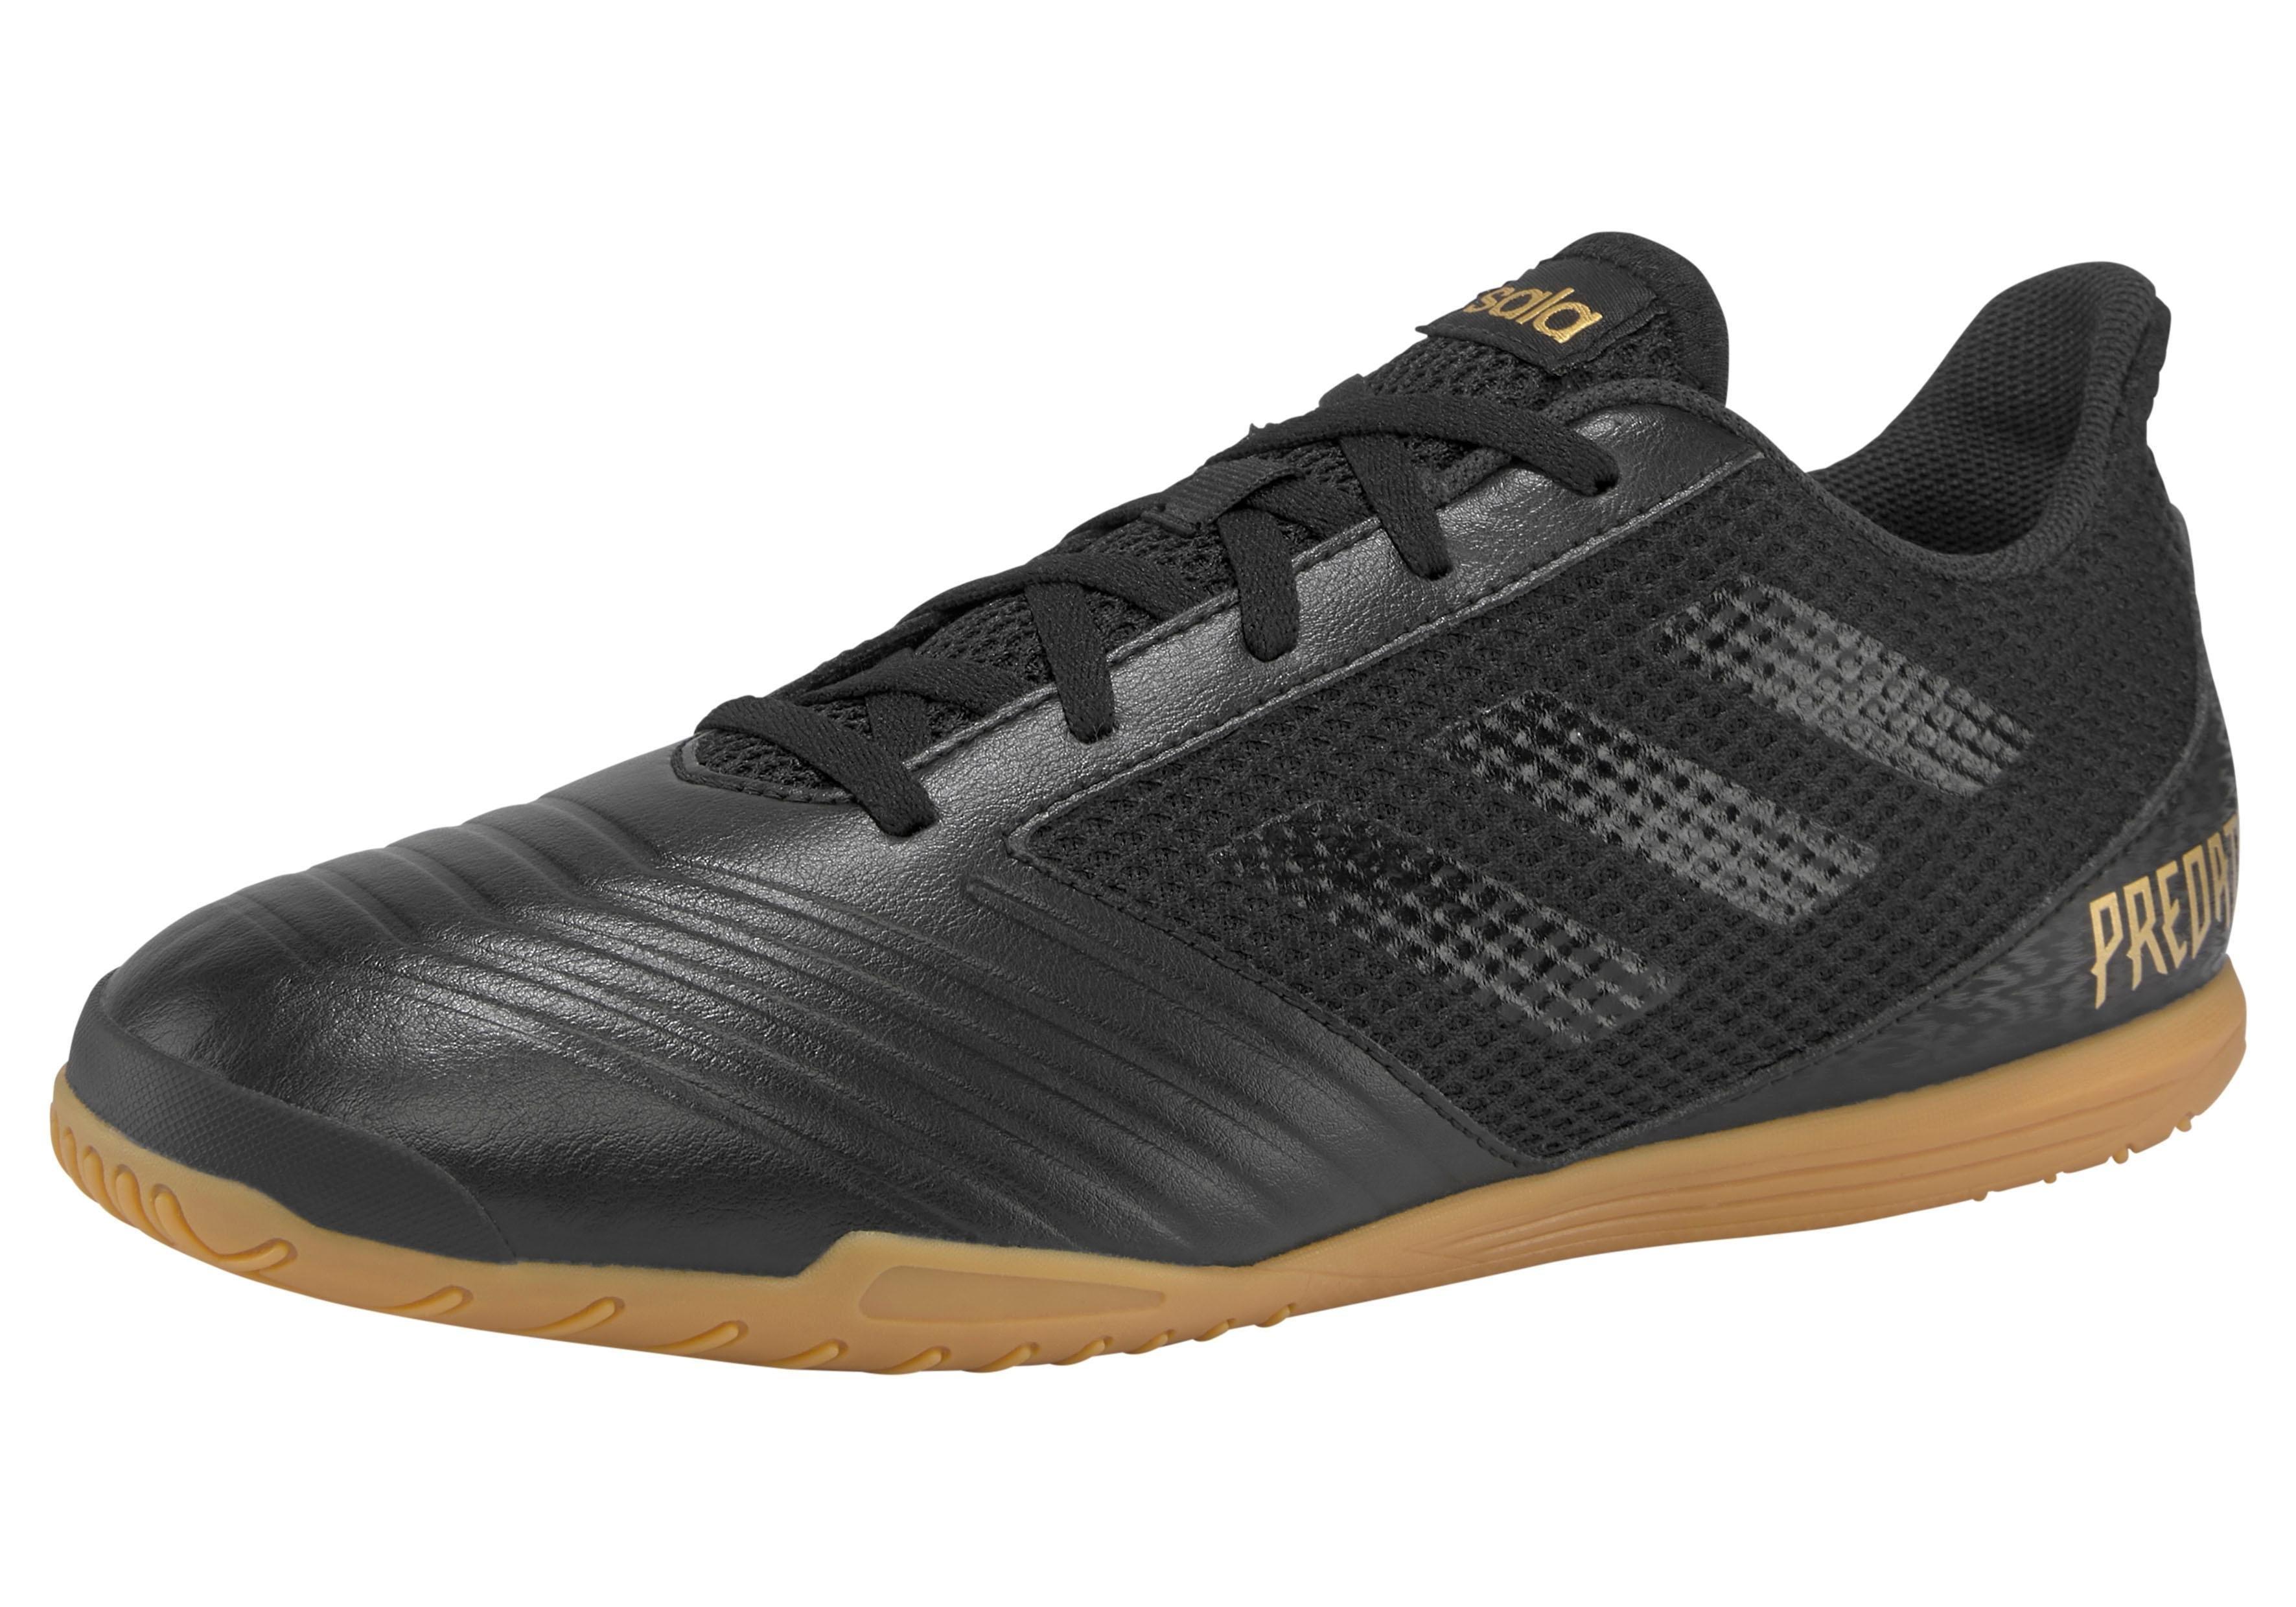 adidas Performance voetbalschoenen »PREDATOR 19.4 IN SA« nu online bestellen